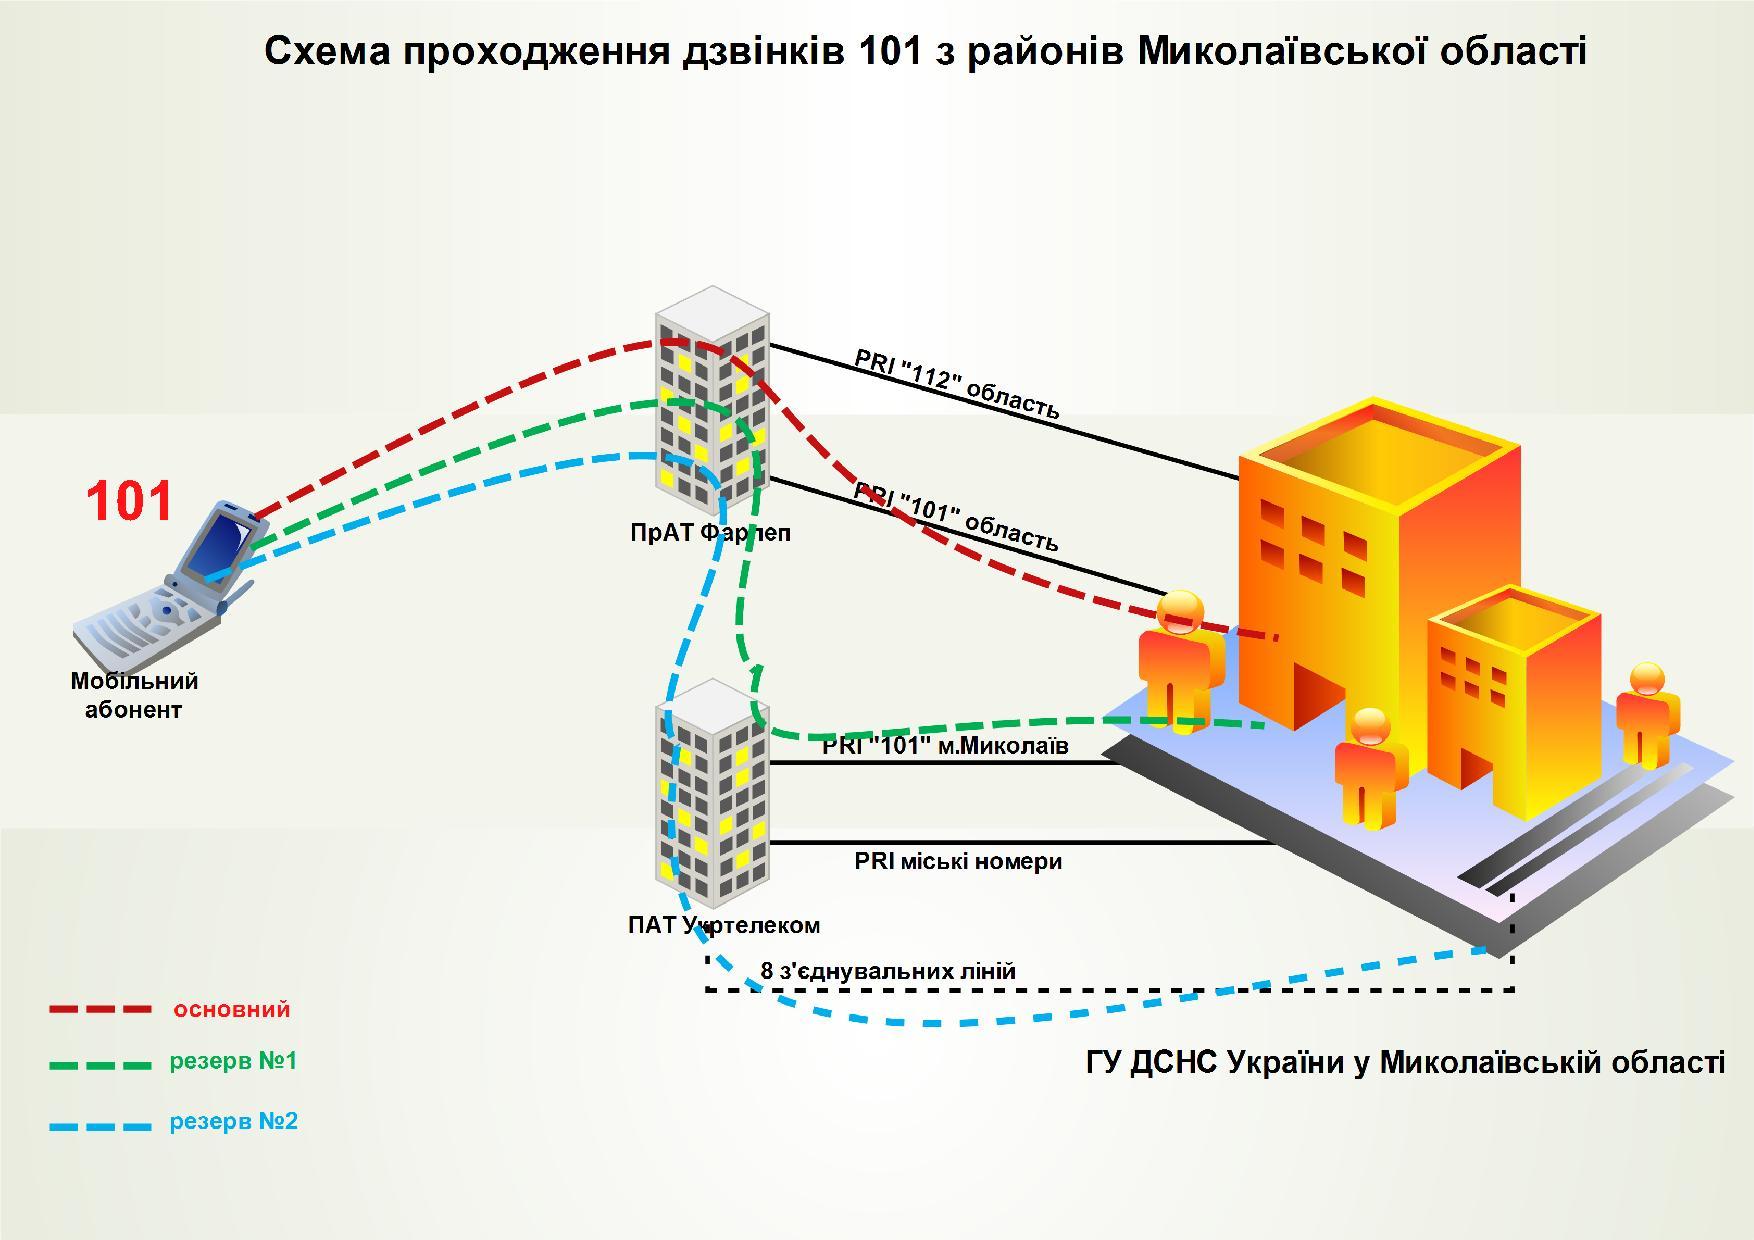 Cхема проходження області-page-001